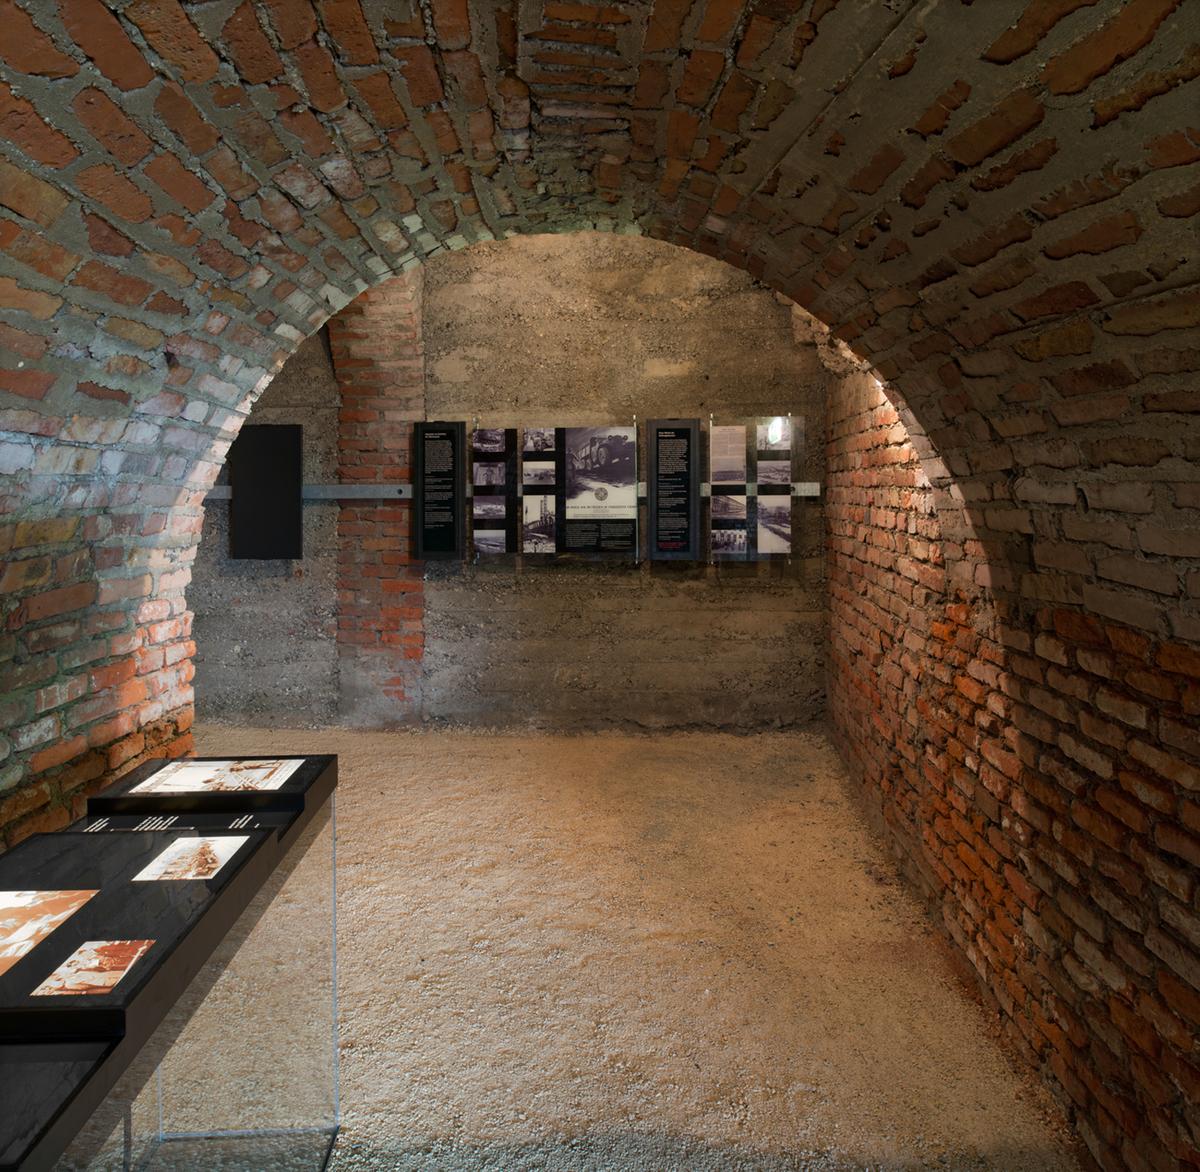 Steyr works: destination of entrance movement